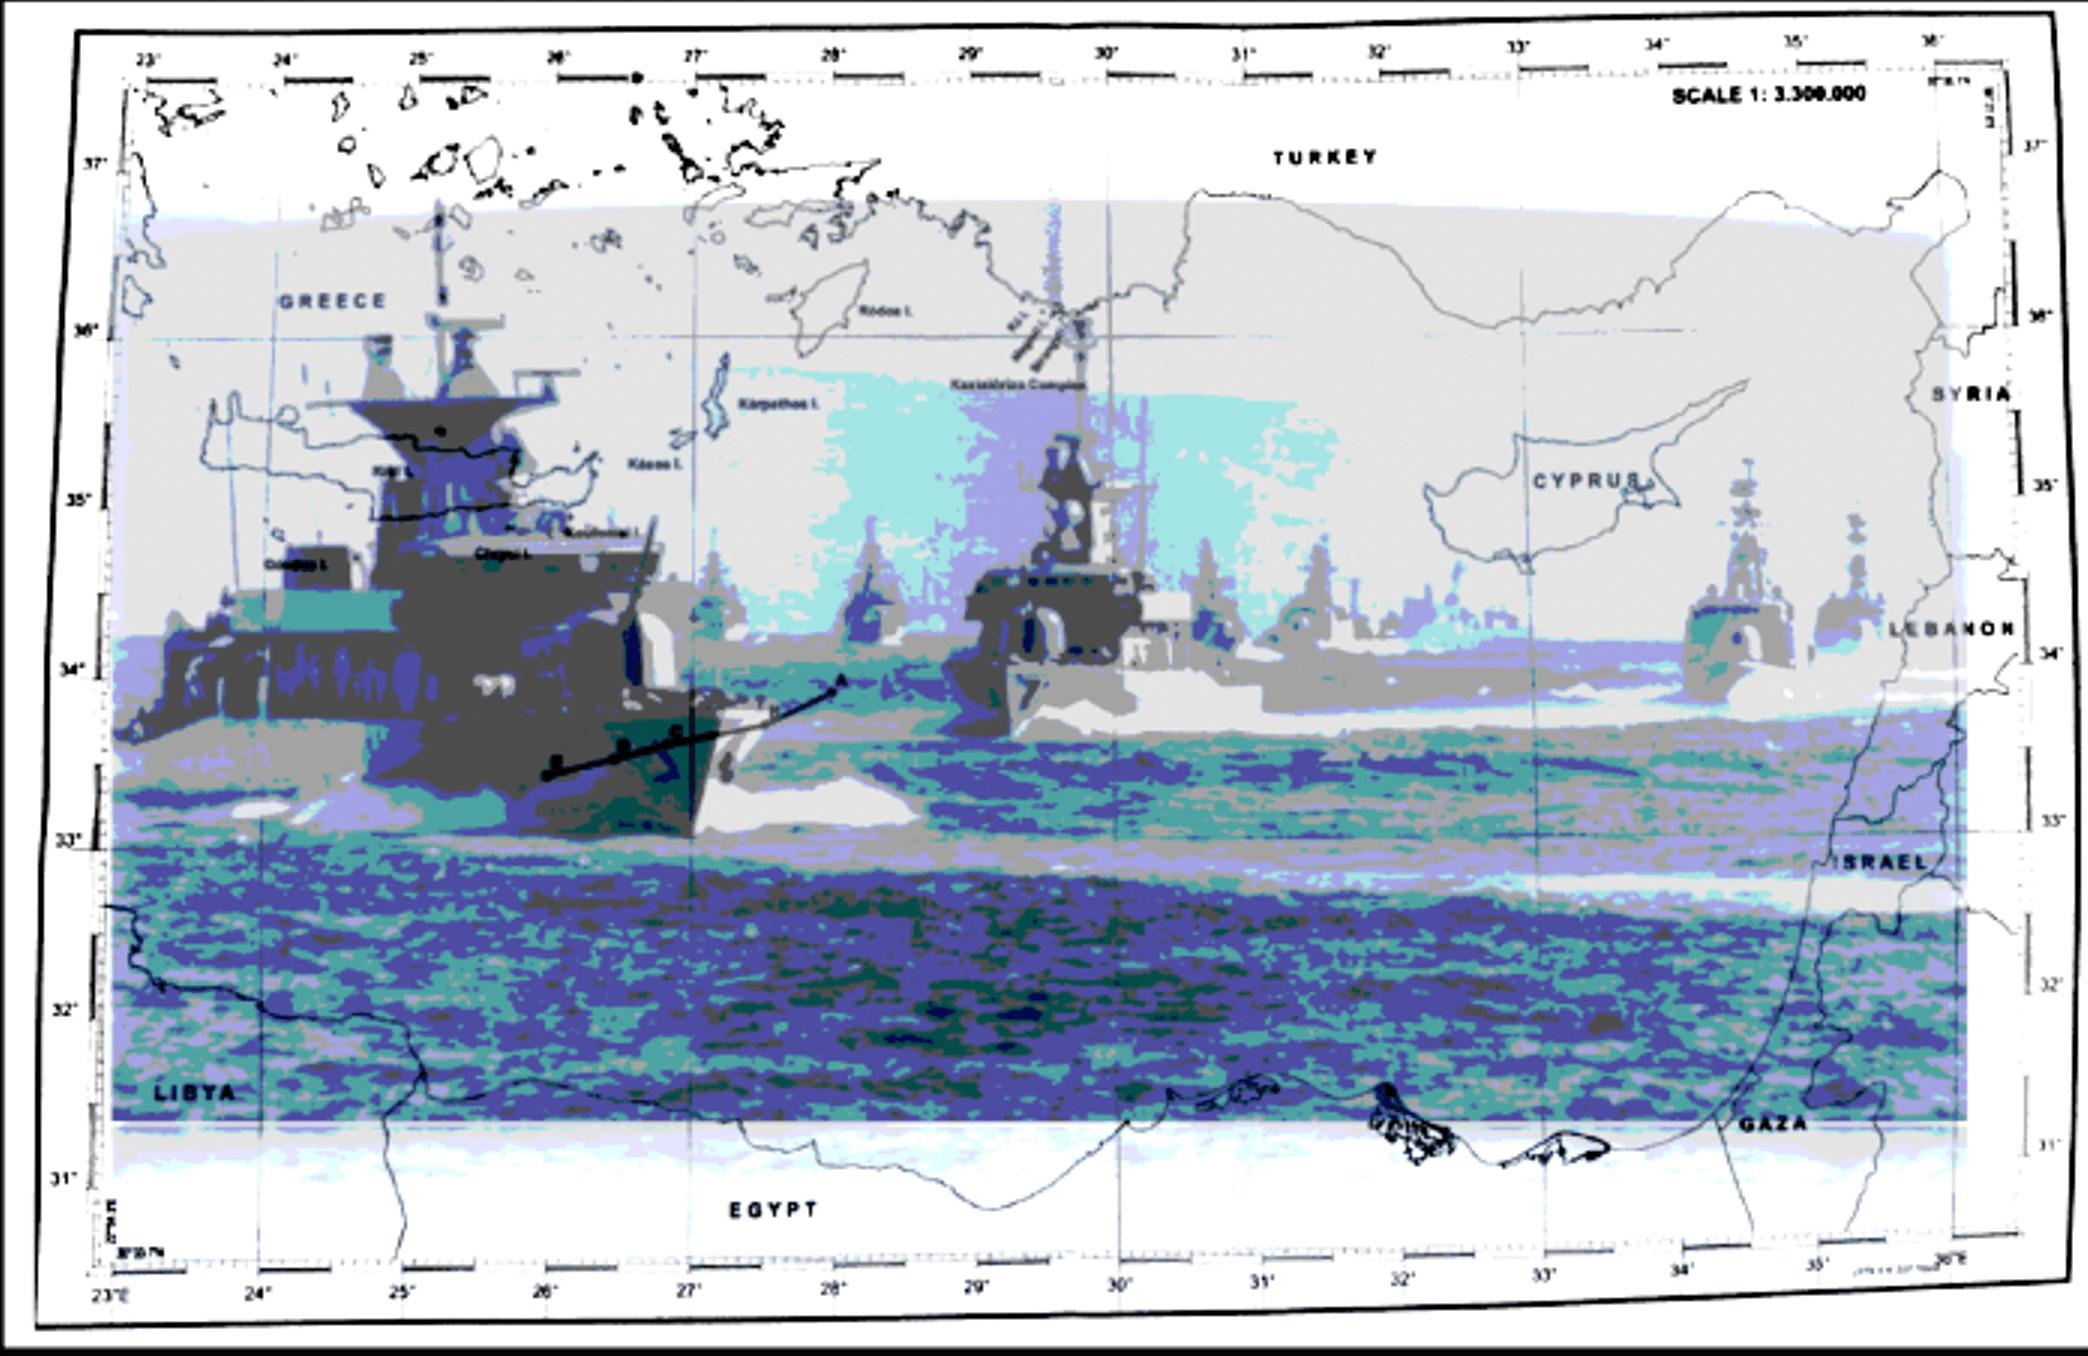 Στα σκαριά νέος άξονας Ασφάλειας – Συνεργασίας από Μεσόγειο μέχρι Κόλπο